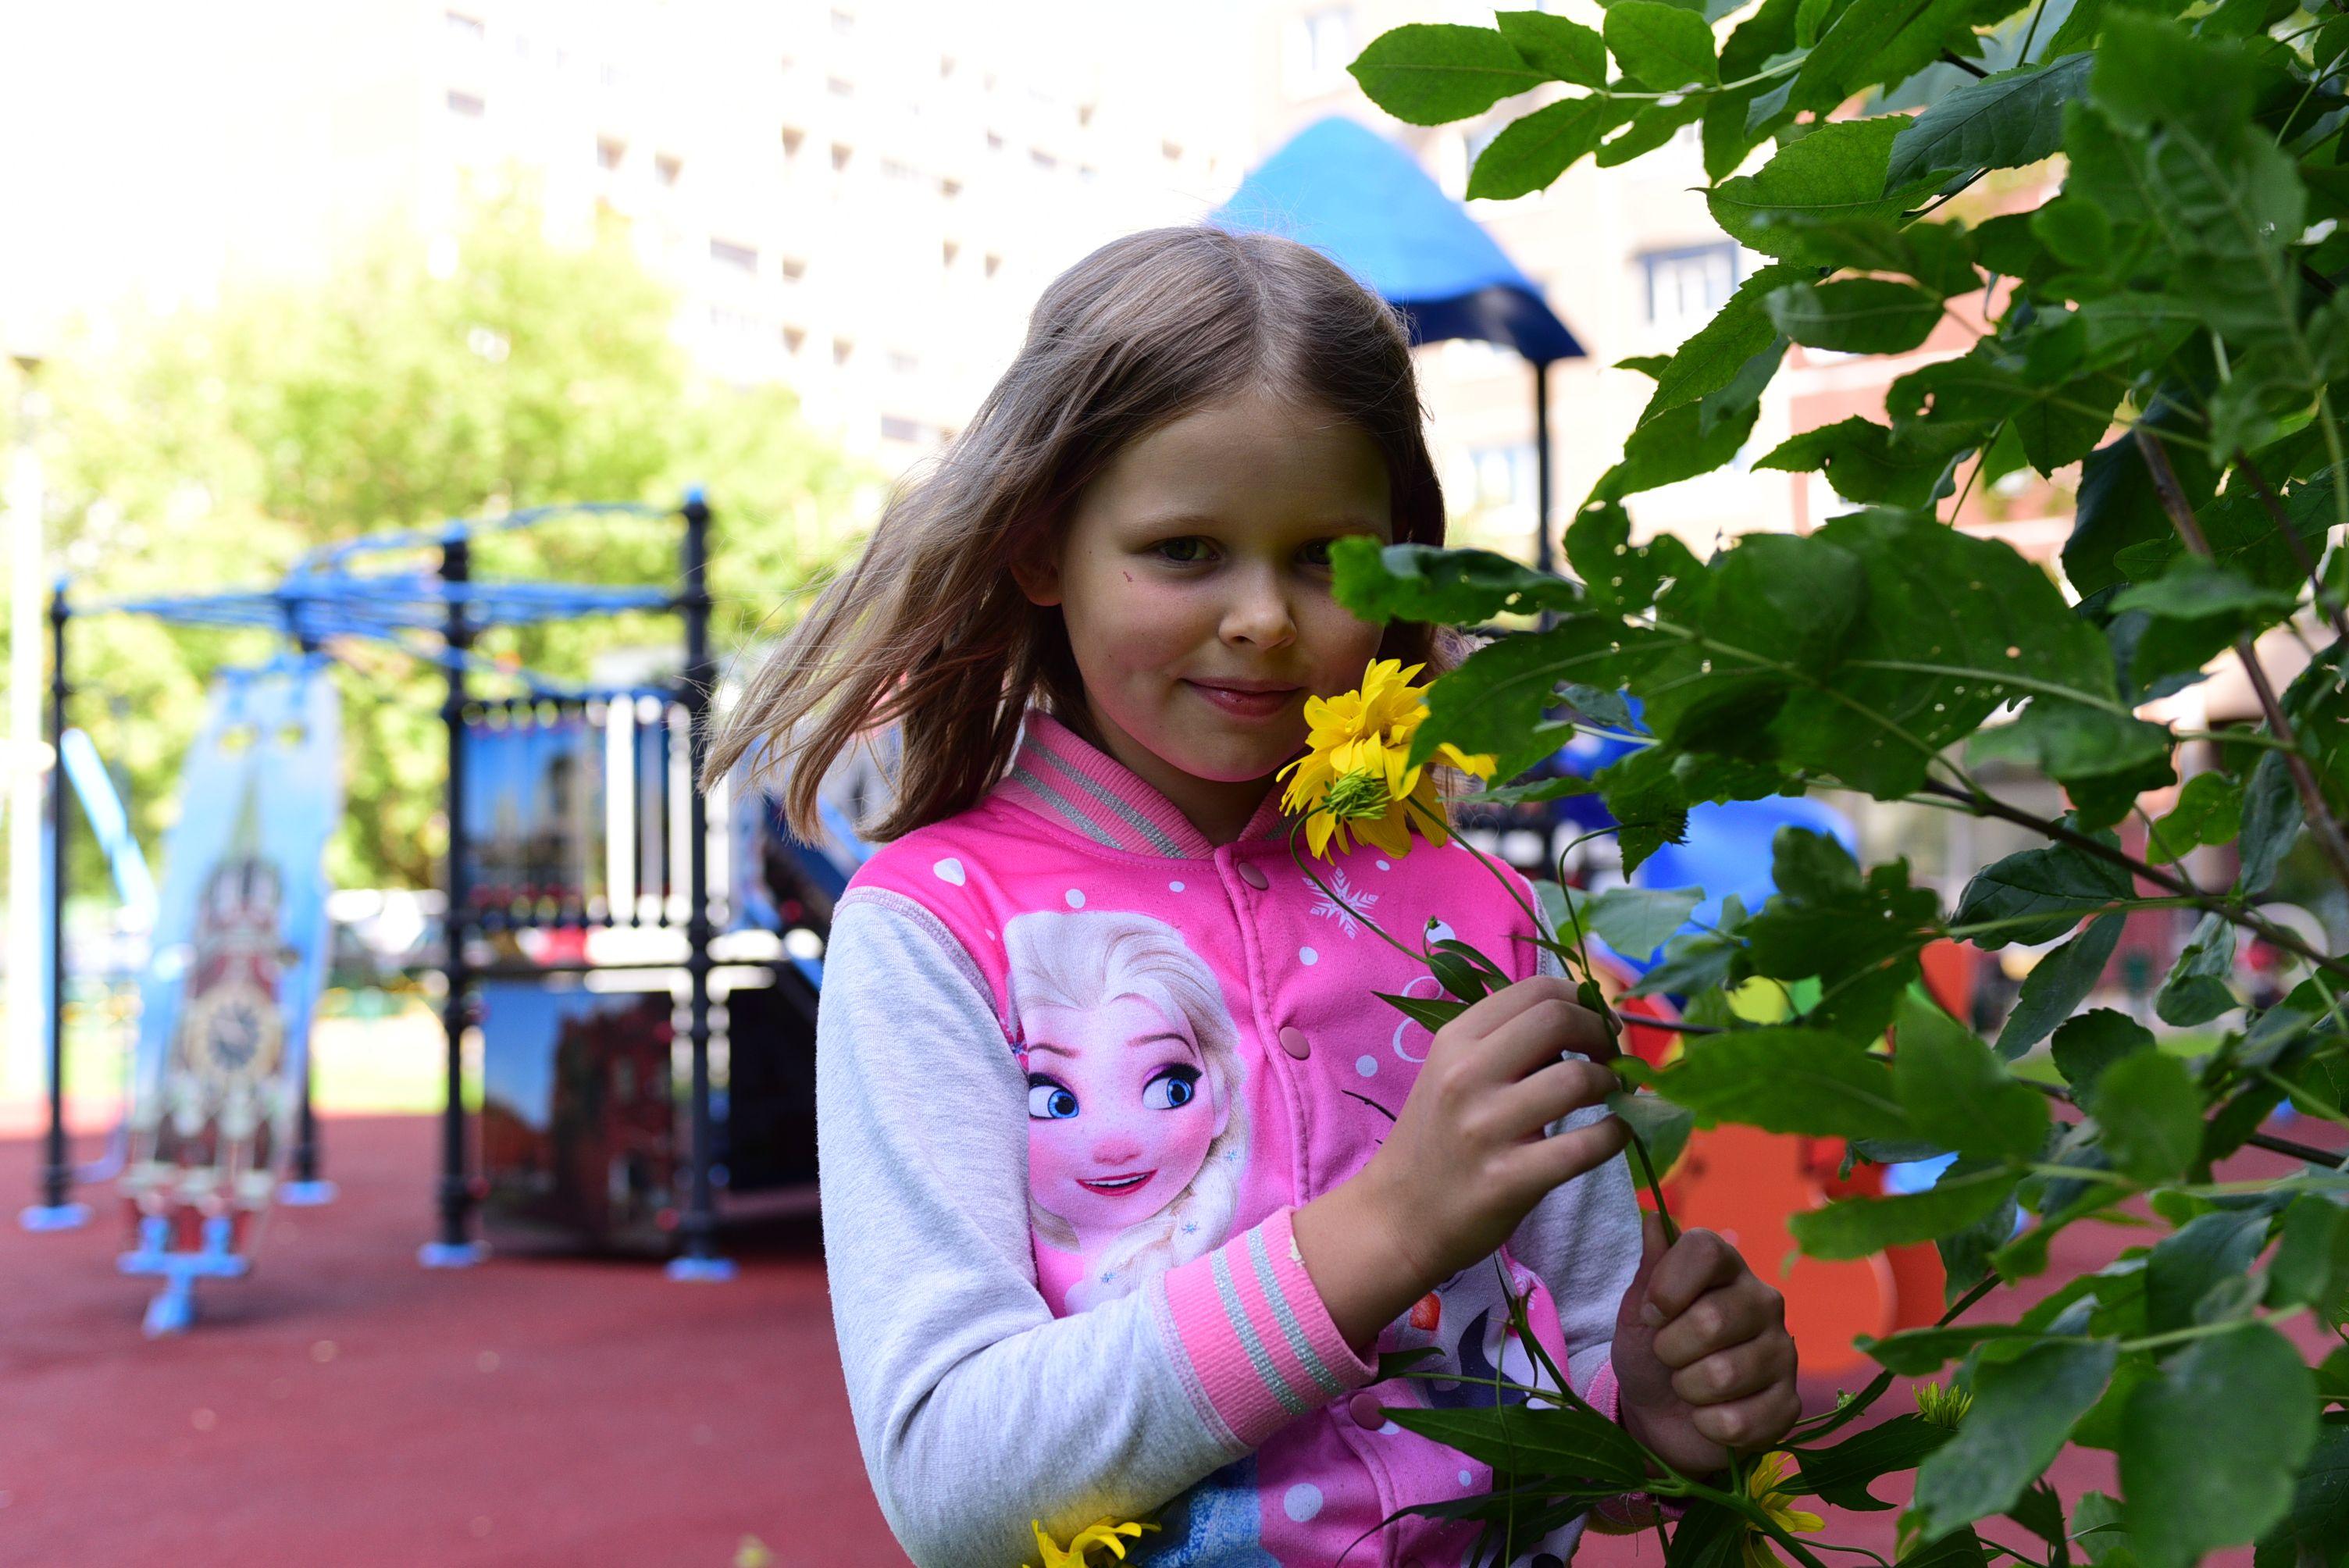 Обустройство детских игровых зон проведут в Кленовском. Фото: Пелагия Замятина, «Вечерняя Москва»